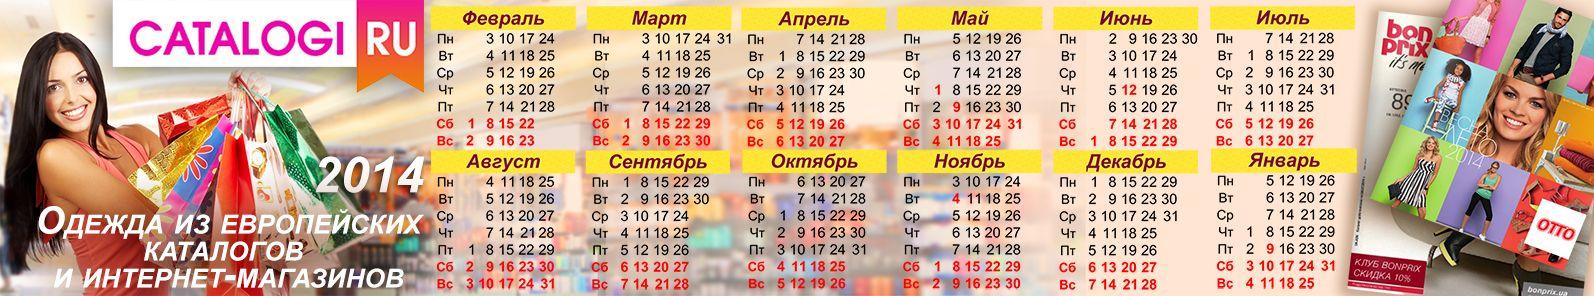 Календарик на монитор Catalogi.ru - дизайнер goodwin1